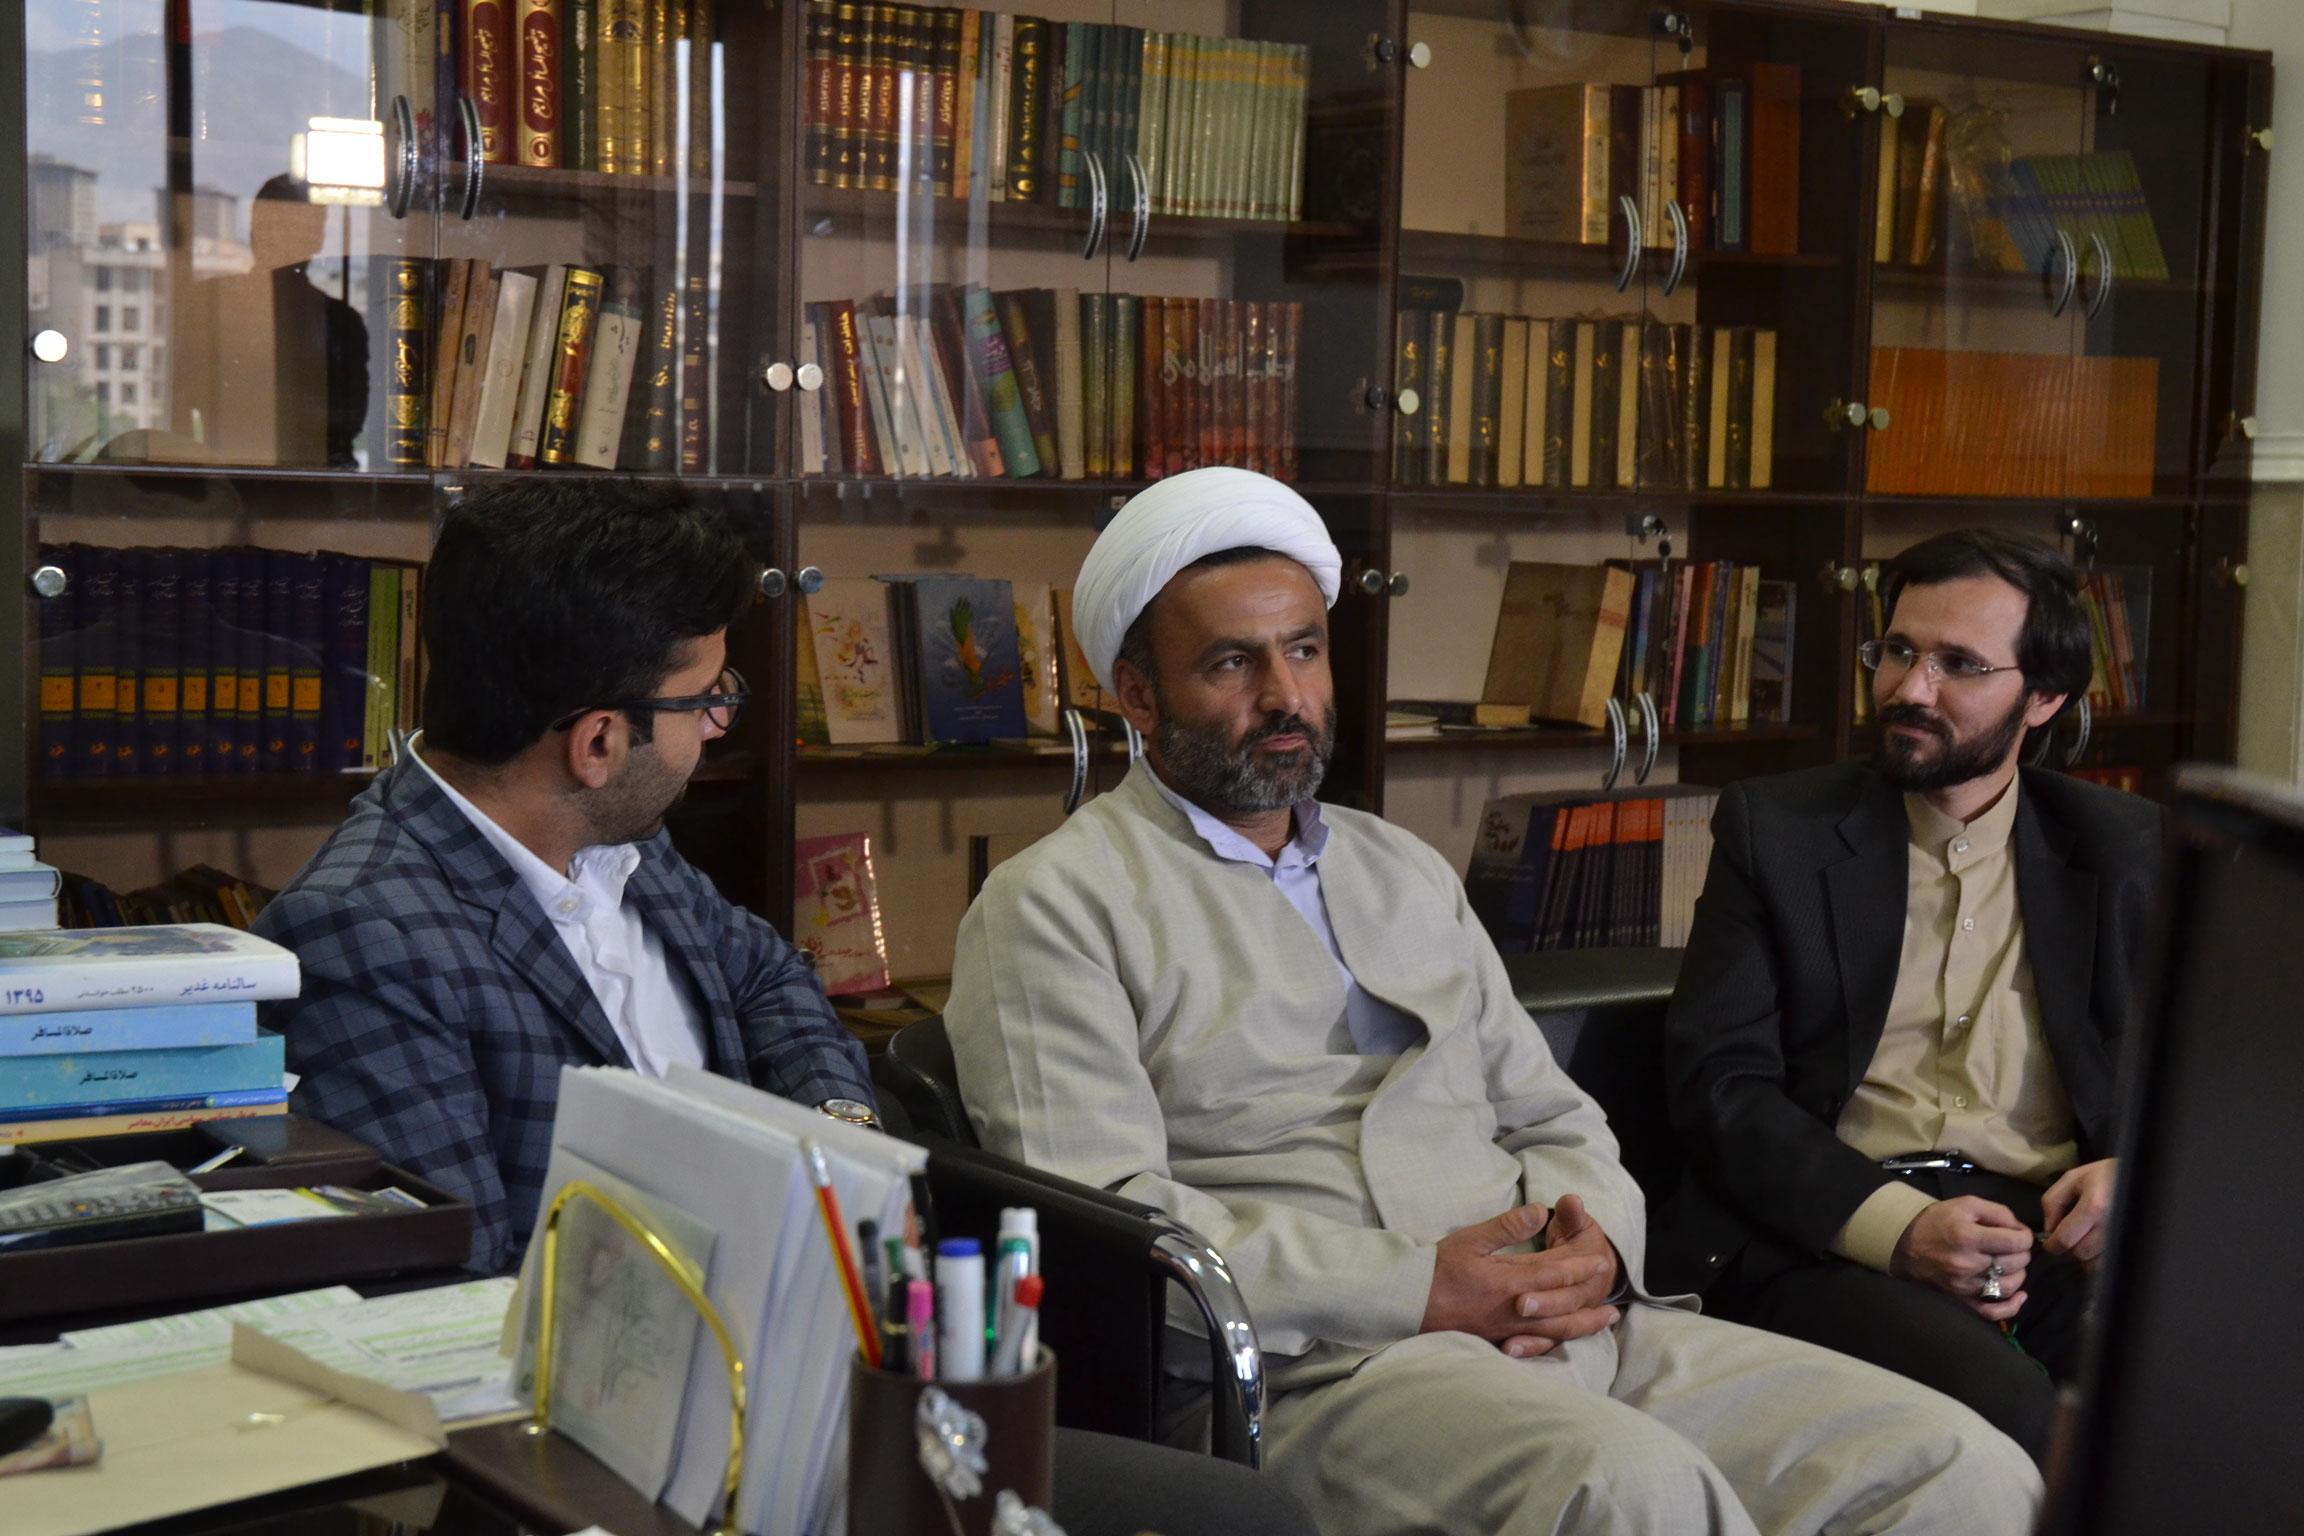 دیدار دوستانه مهندس سید مهدی حسینی با حاج آقای شمشاد